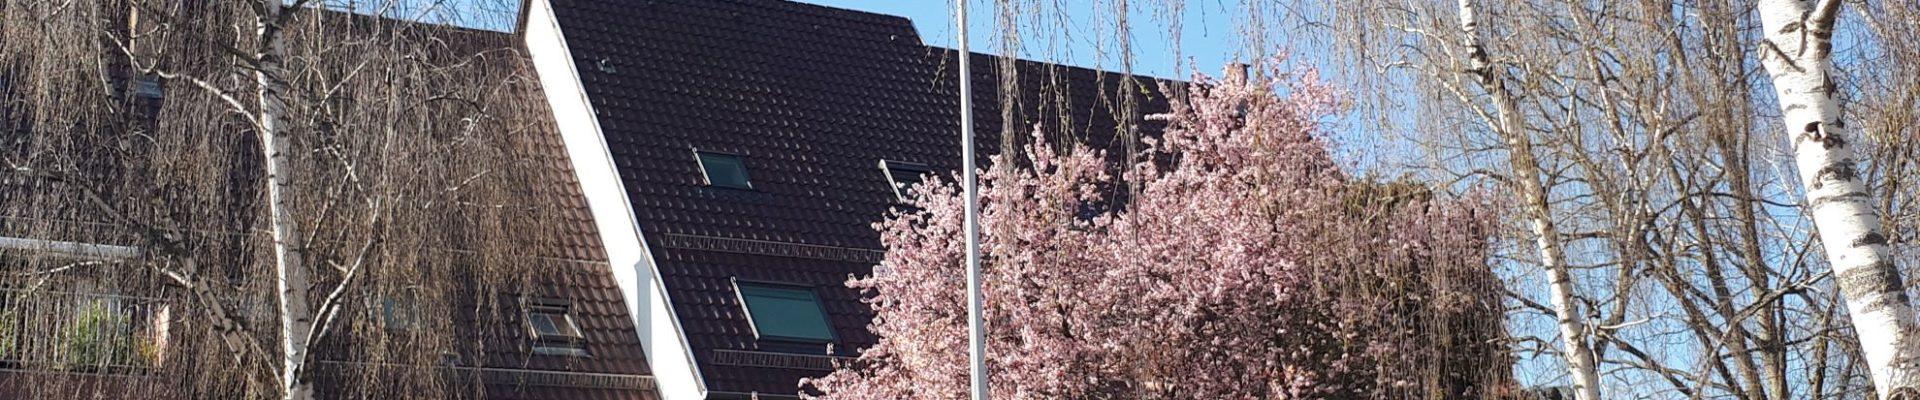 [Balade] La Robertsau en fleurs